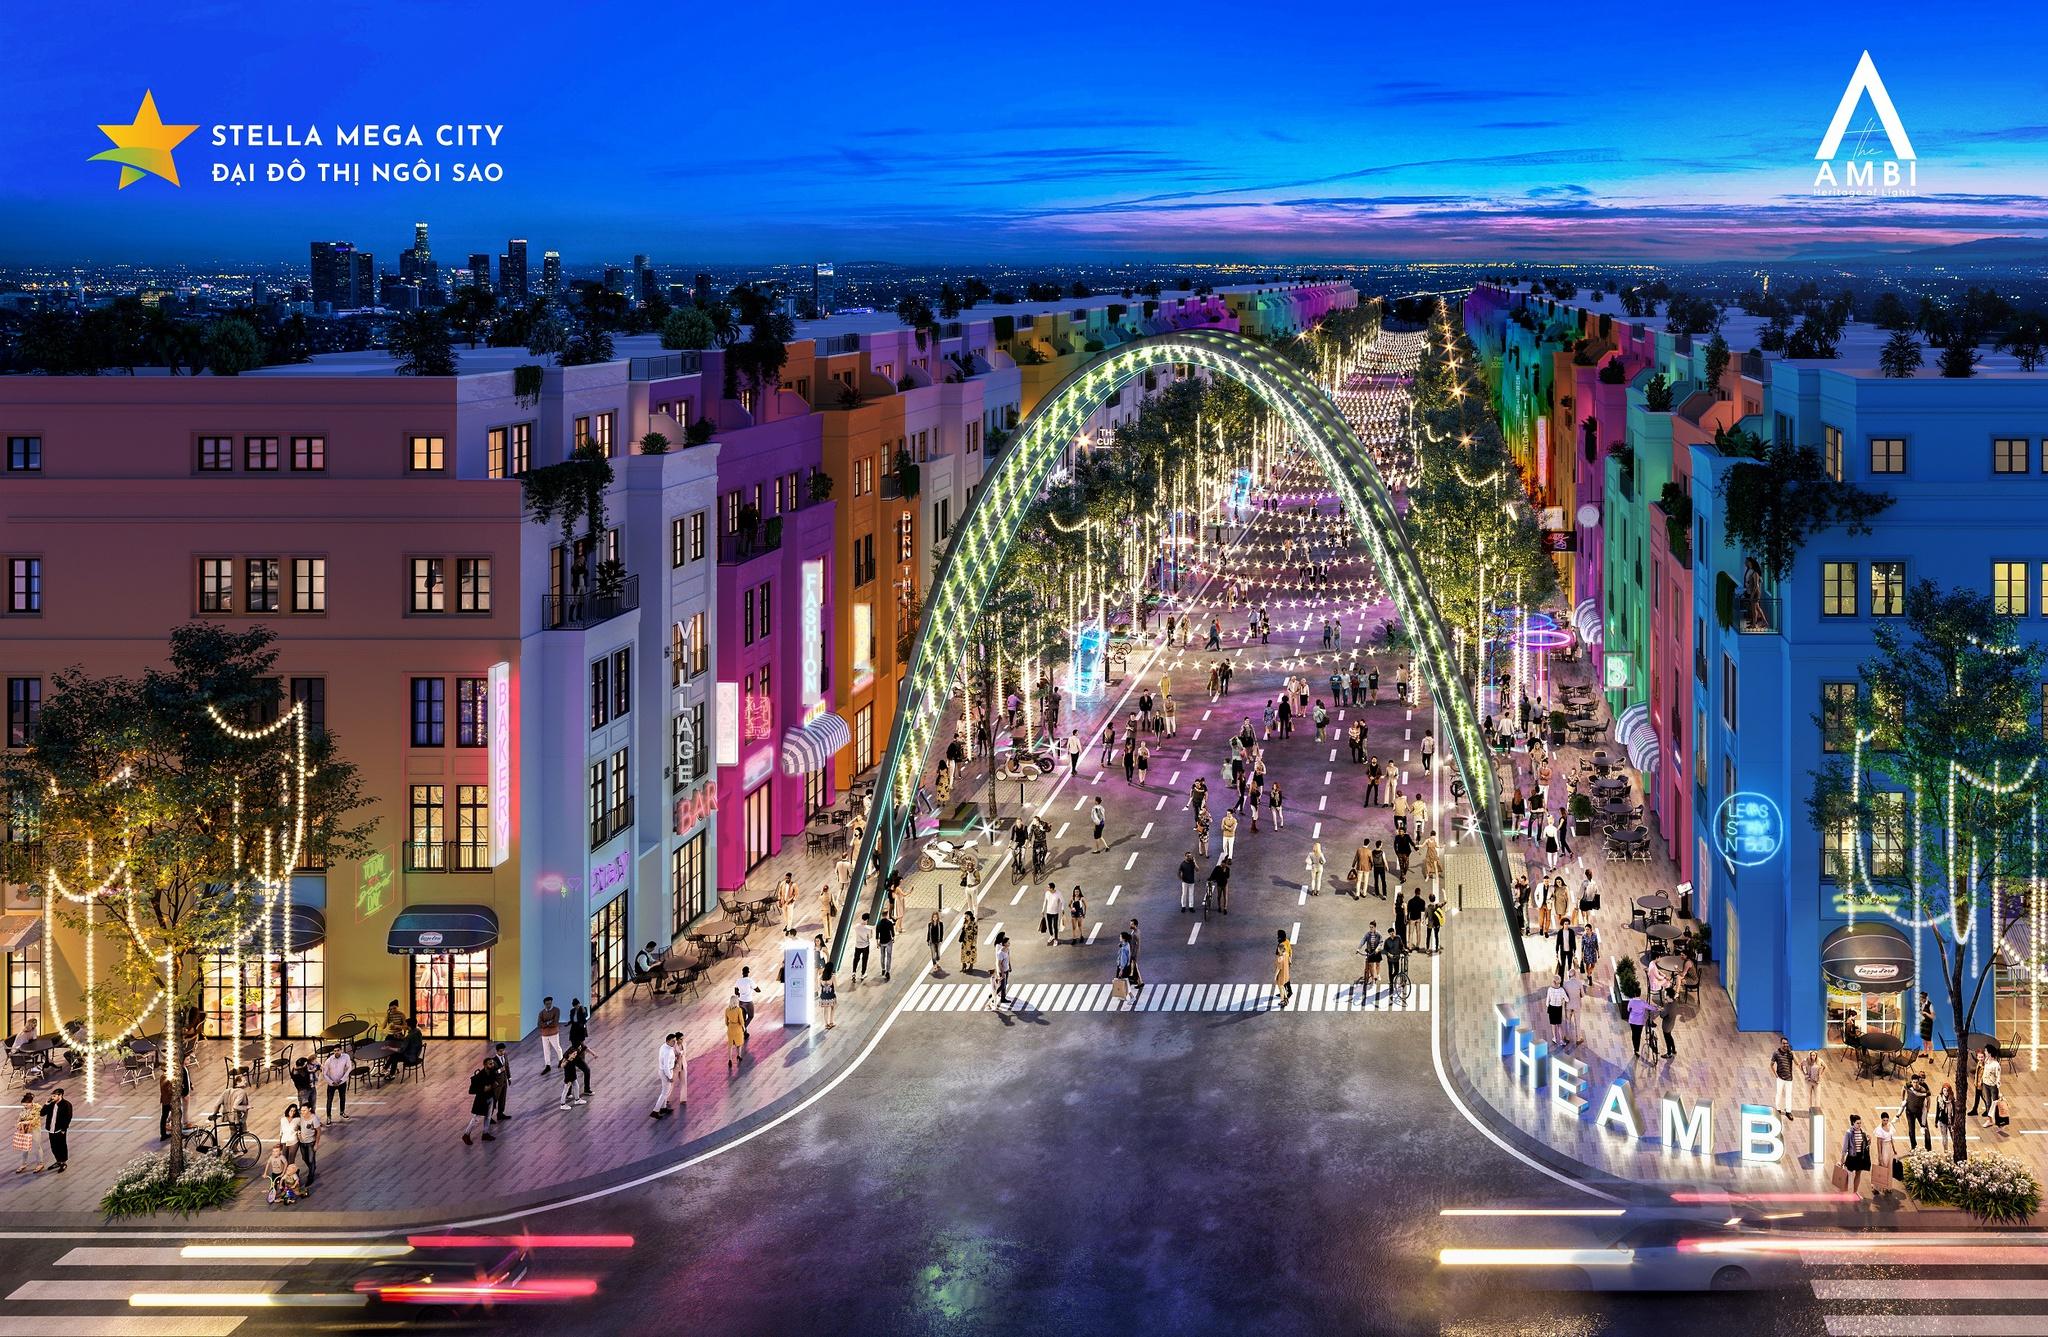 Phát triển hạ tầng Tây Nam bộ, nâng giá trị Đại đô thị Stella Mega City - ảnh 3